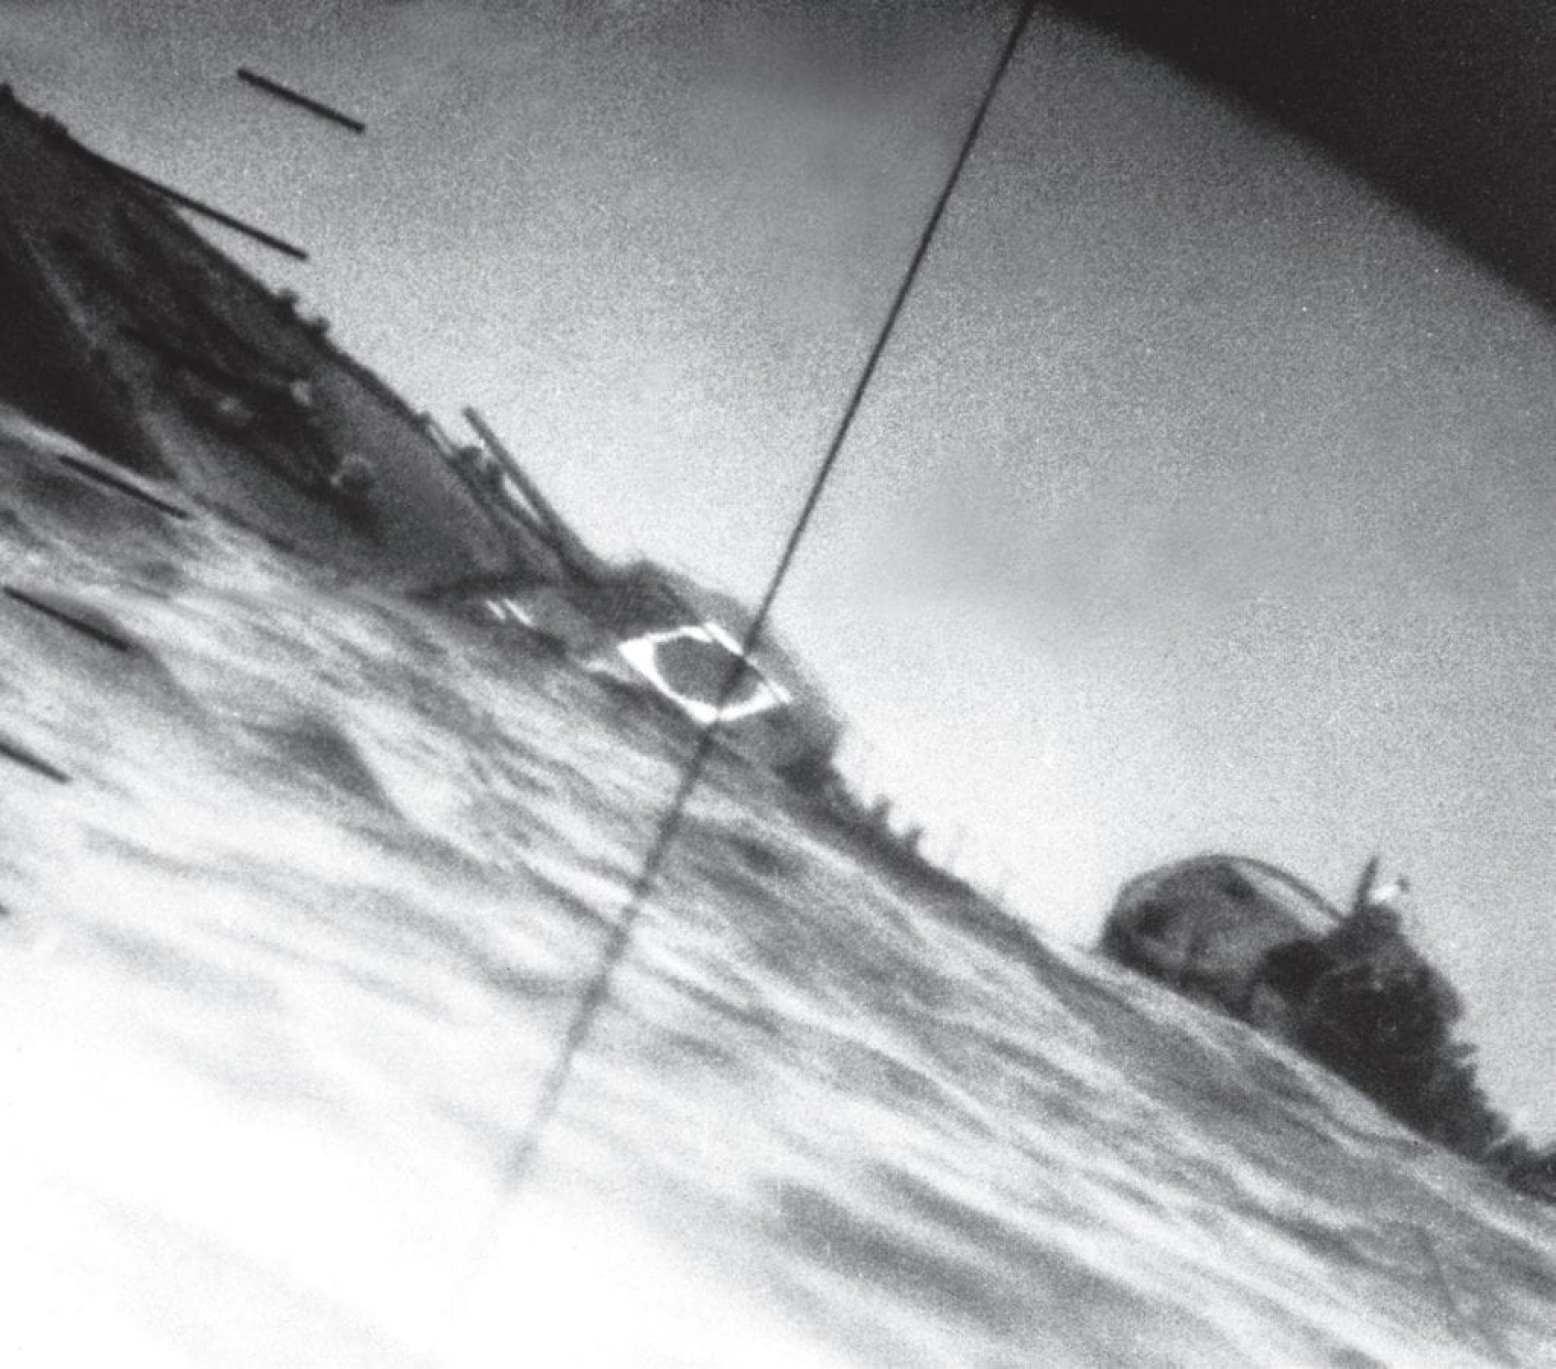 The torpedoed Japanese destroyer Yamakaze sinking on June 25, 1942, approximately 75 miles southwest of Yokahama Harbor, Japan, photographed through the periscope of the U.S. Navy submarine USS Nautilus (SS 168).